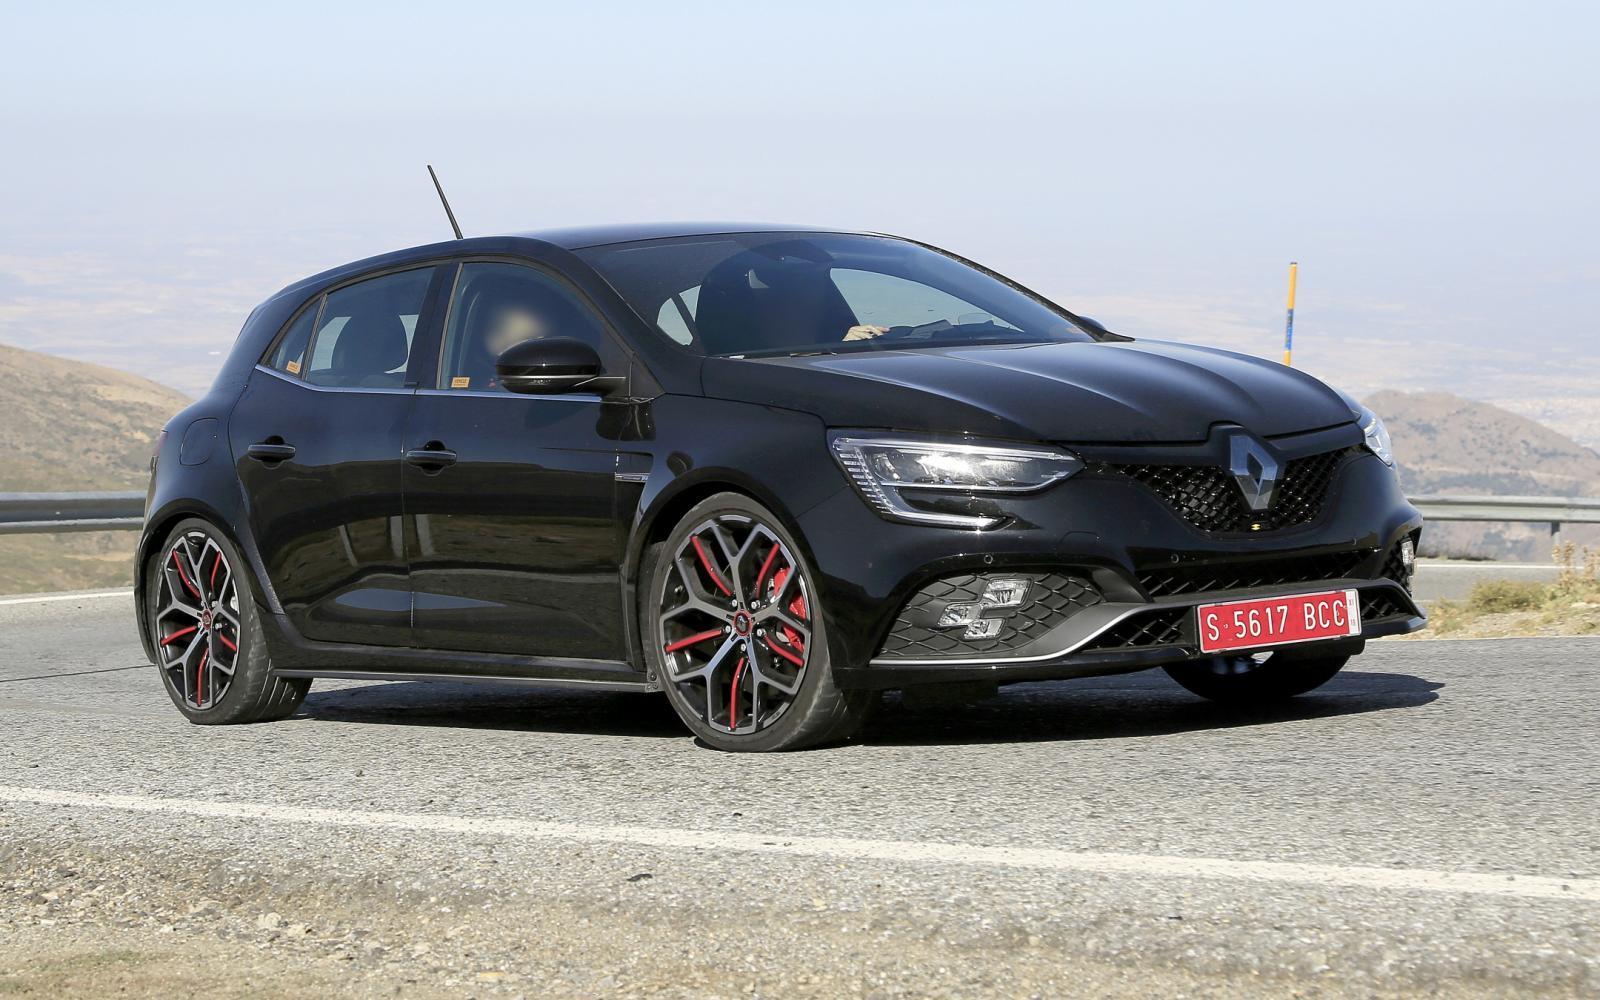 Renault Megane Rs Maakt Bergwandeling In Z N Nakie Autowereld Com